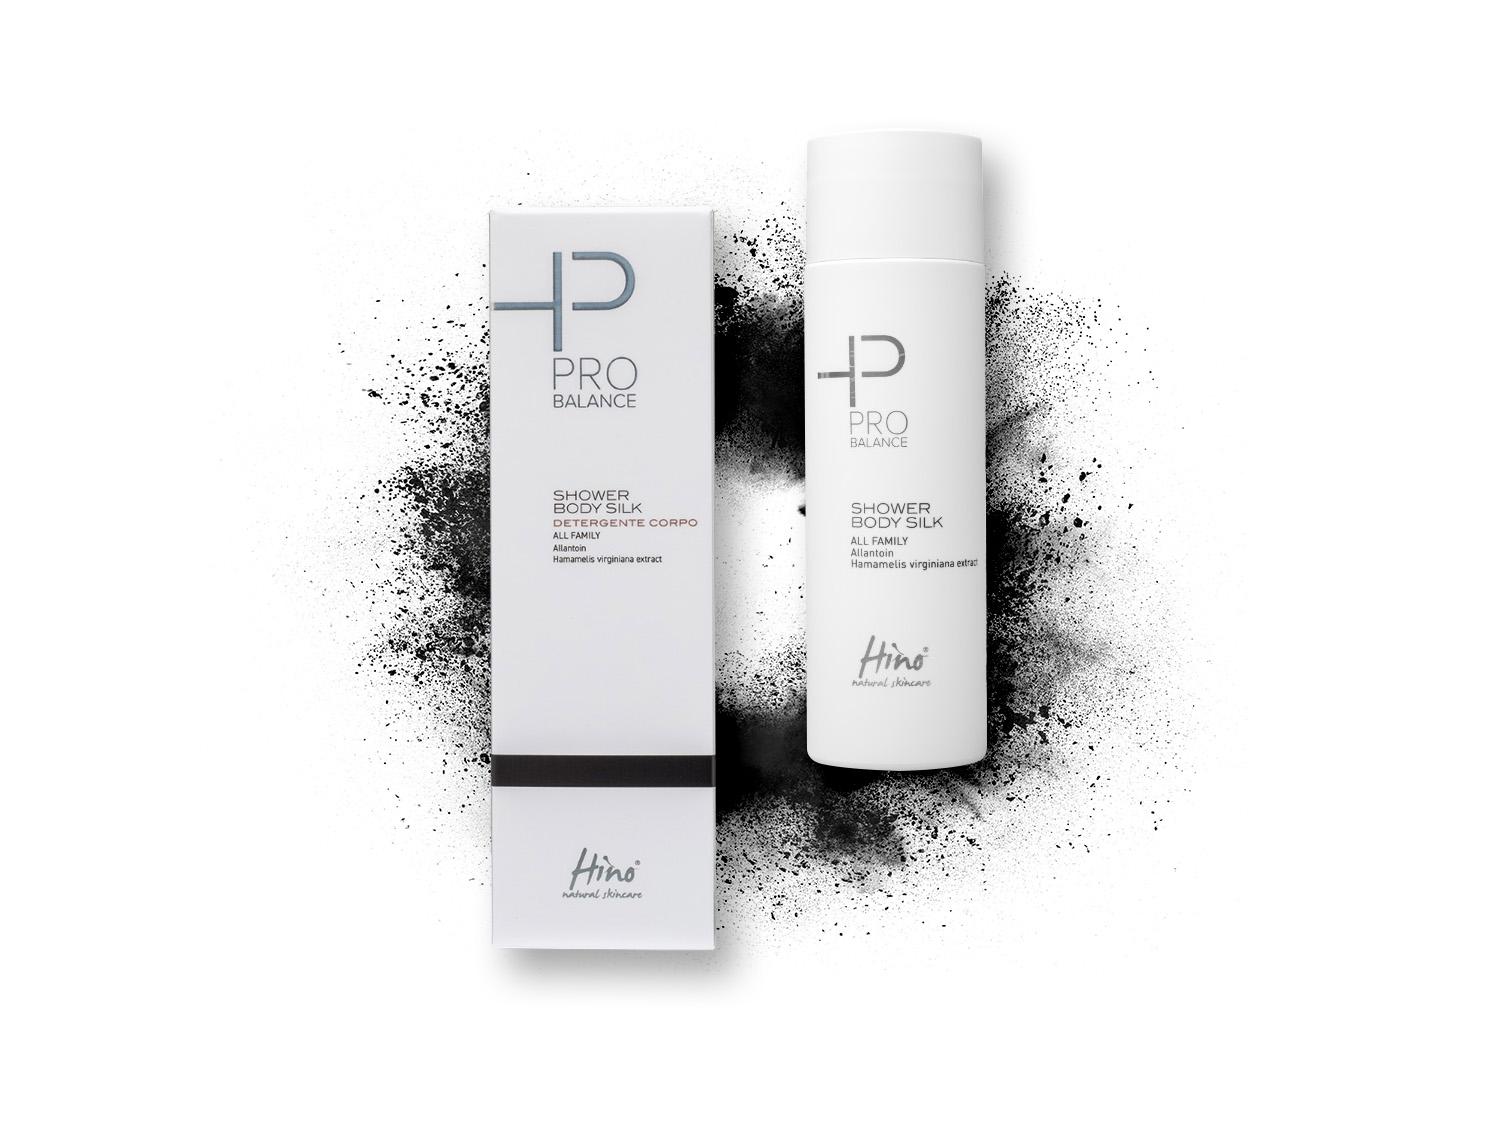 Shower Body Silk Detergente Corpo per Tutta la Famiglia